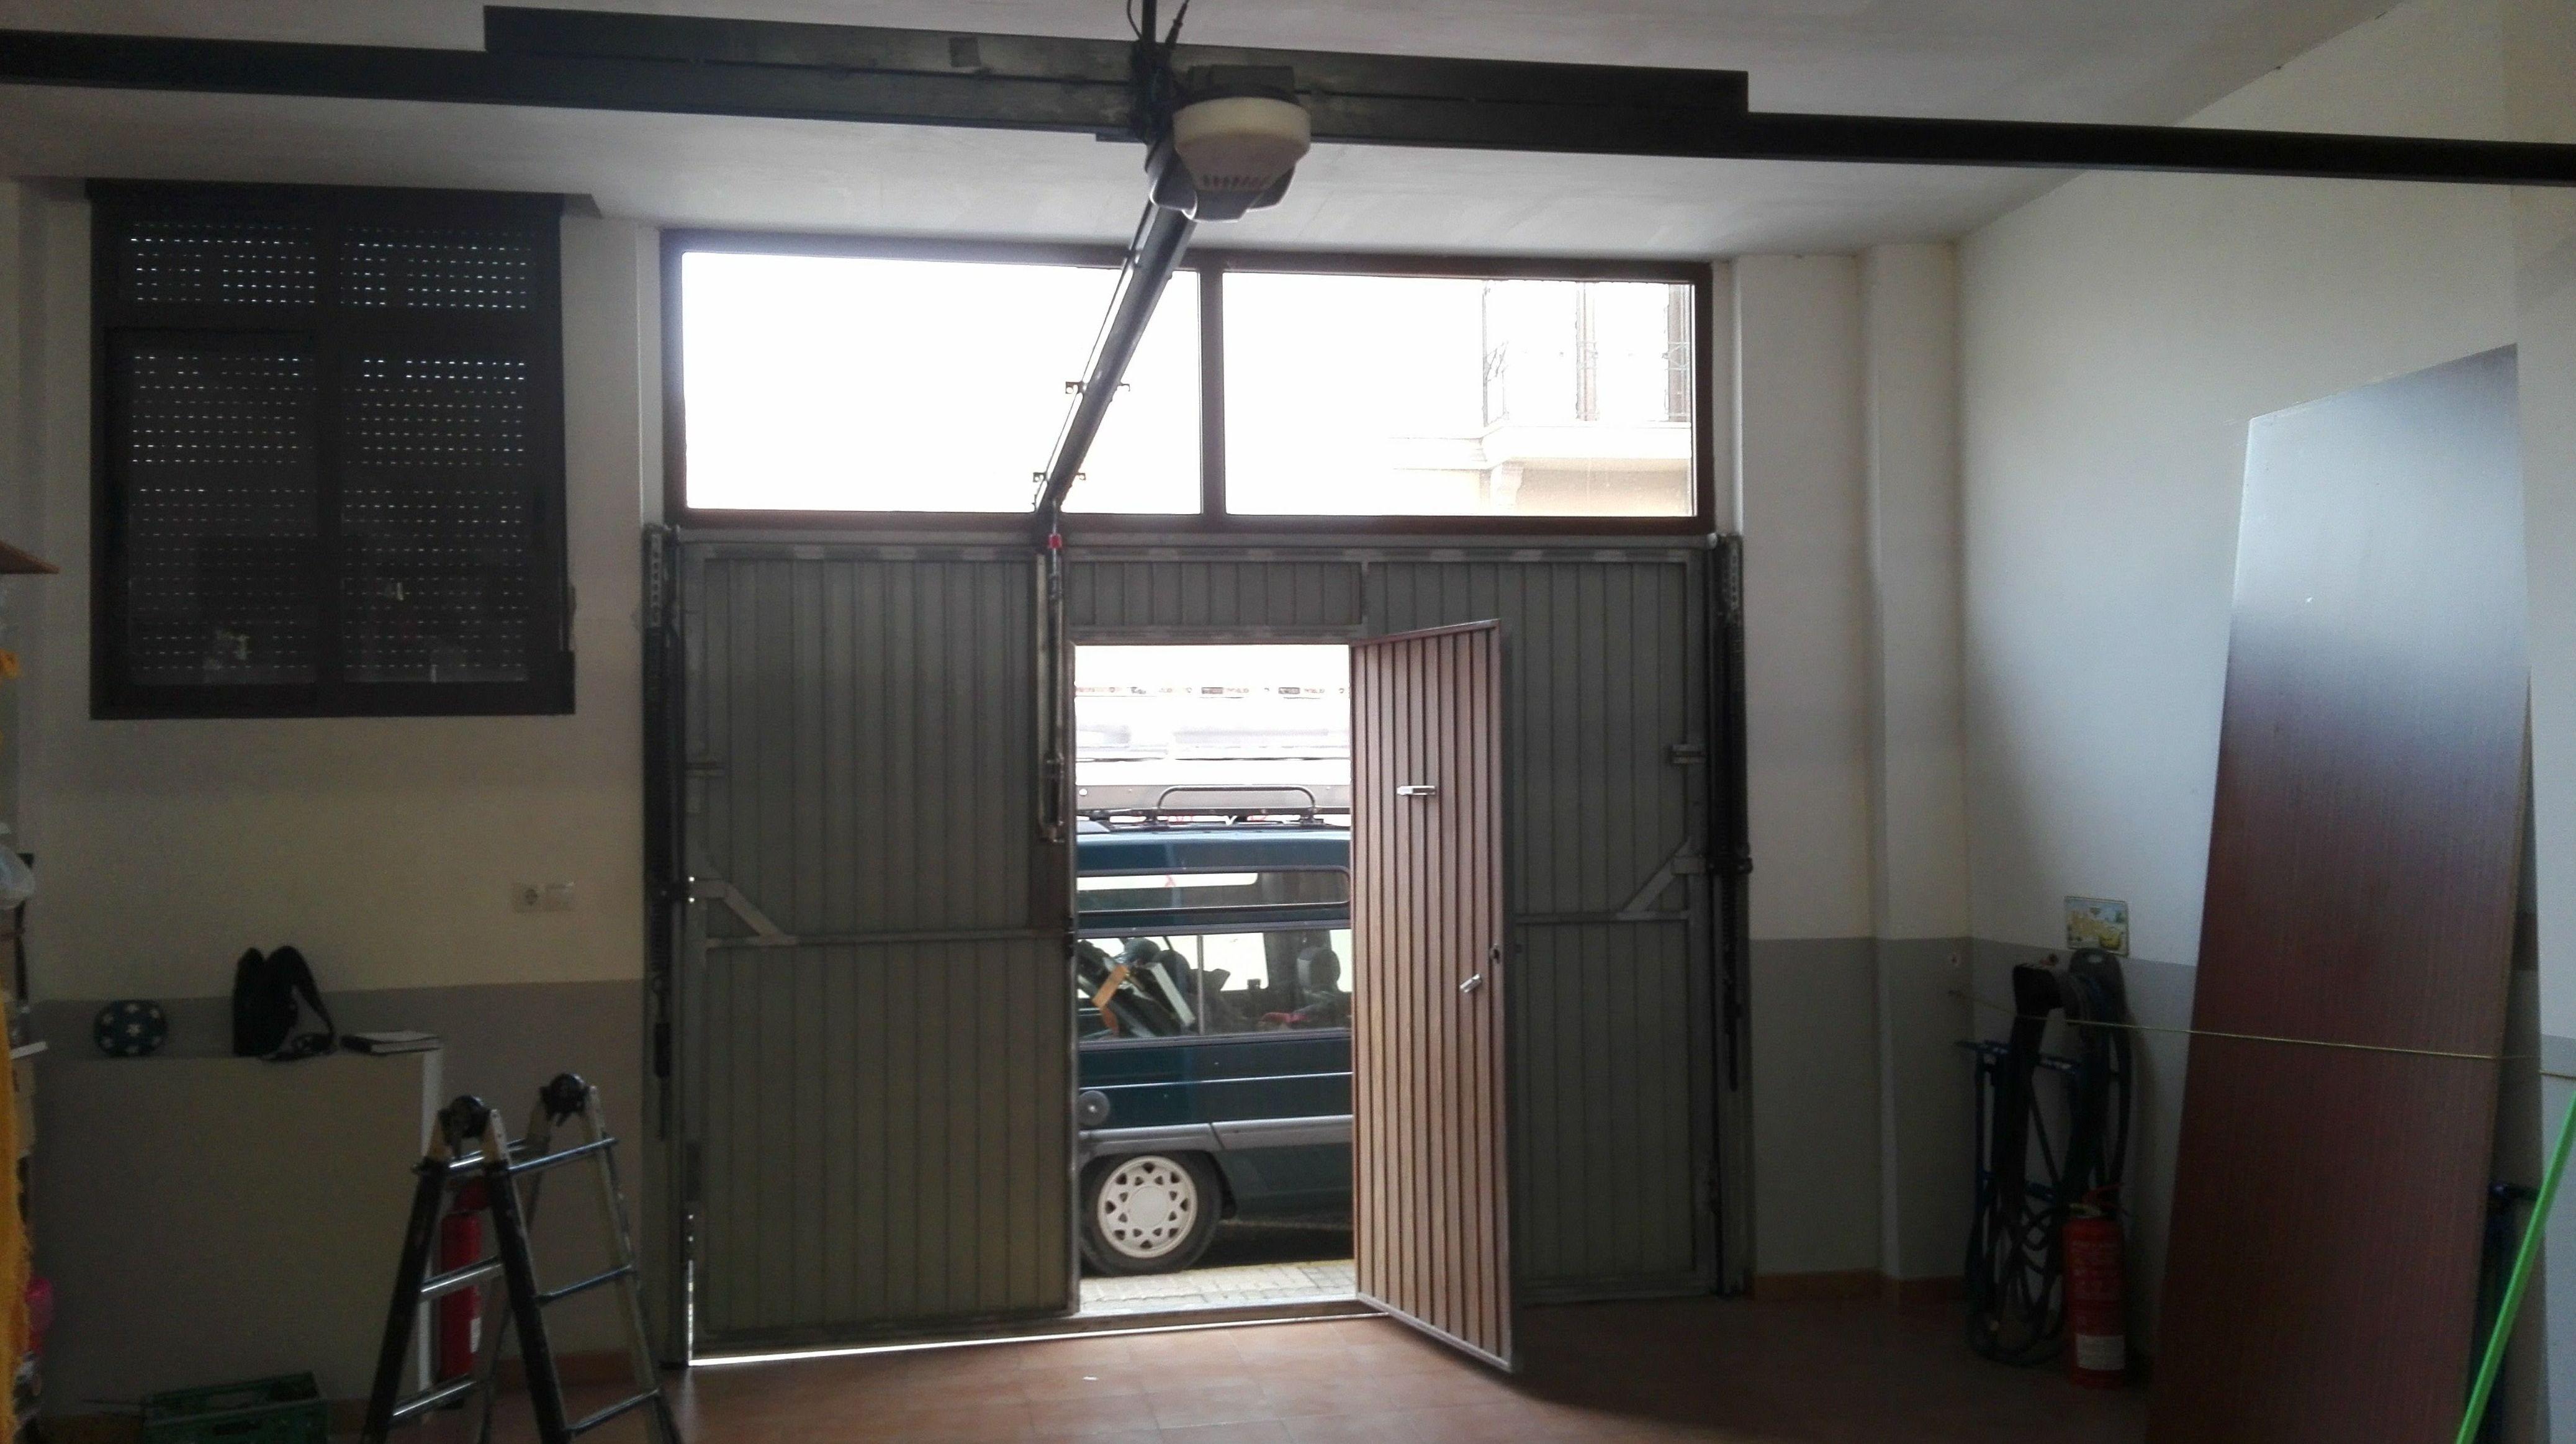 Puerta basculante de muelles no desbordante automática con herraje curvo